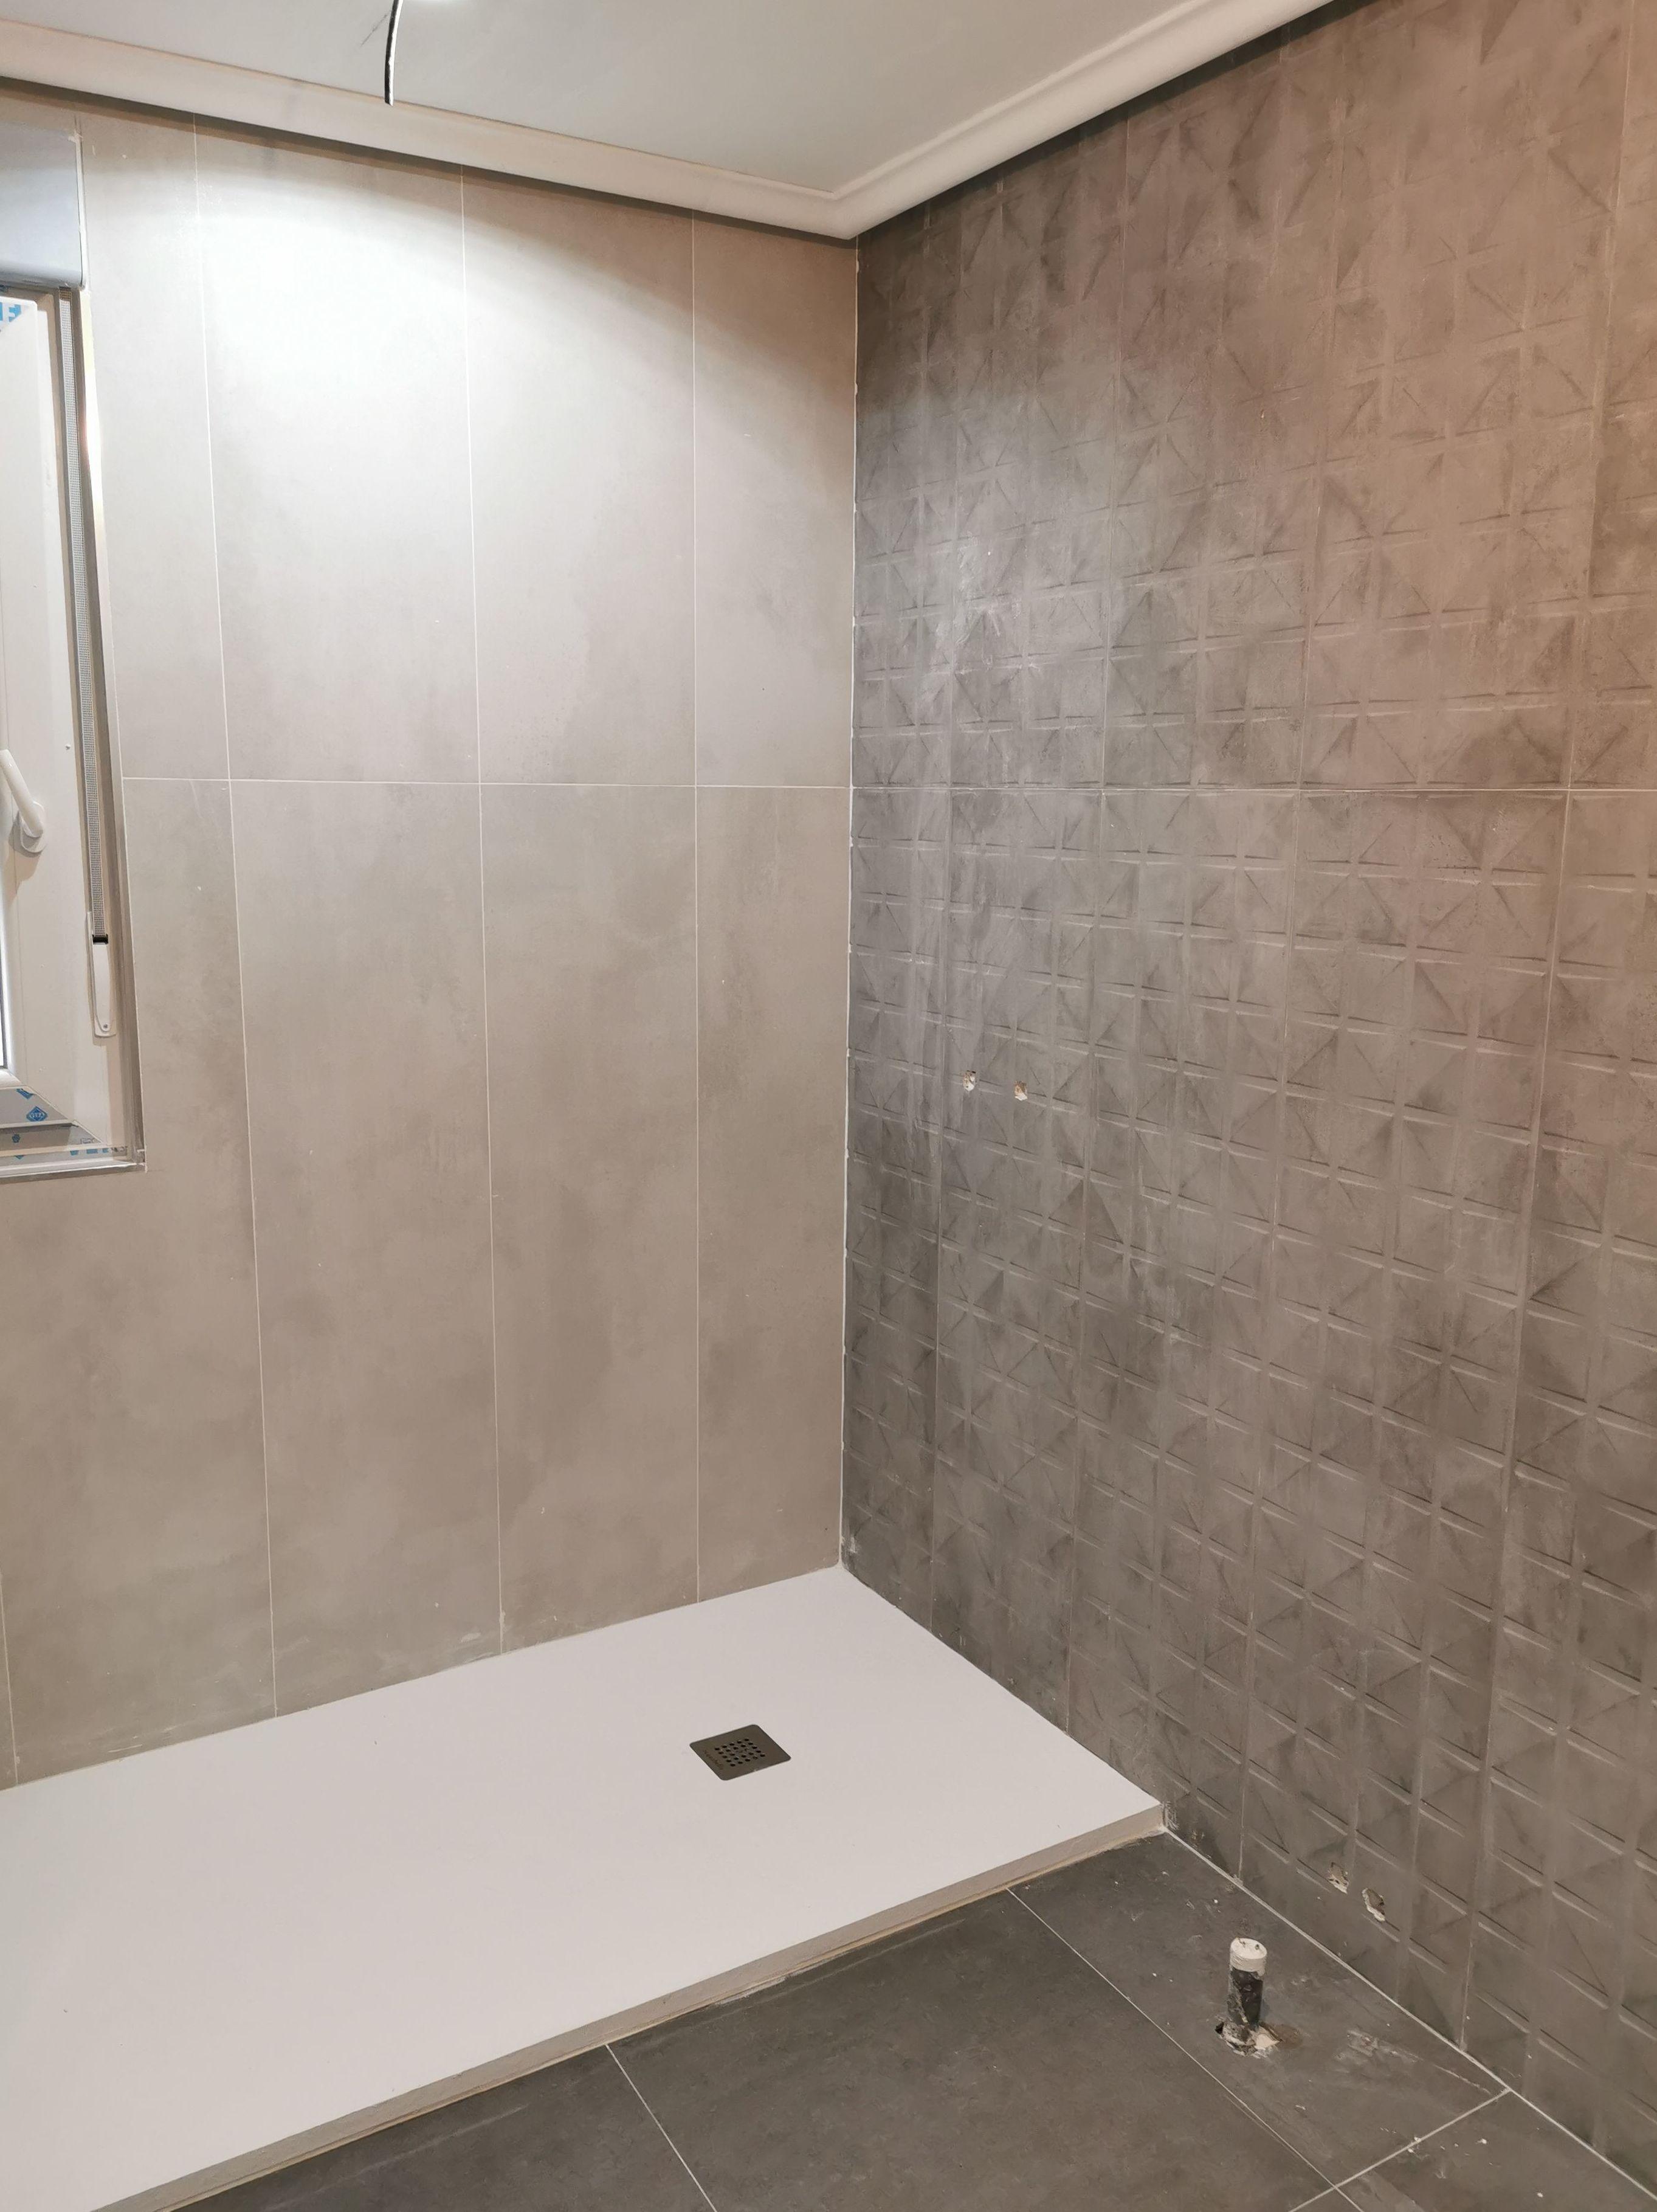 Foto 6 de Reformas en baños y cocinas en Trobajo del Camino | F. Alba, cocinas y baños